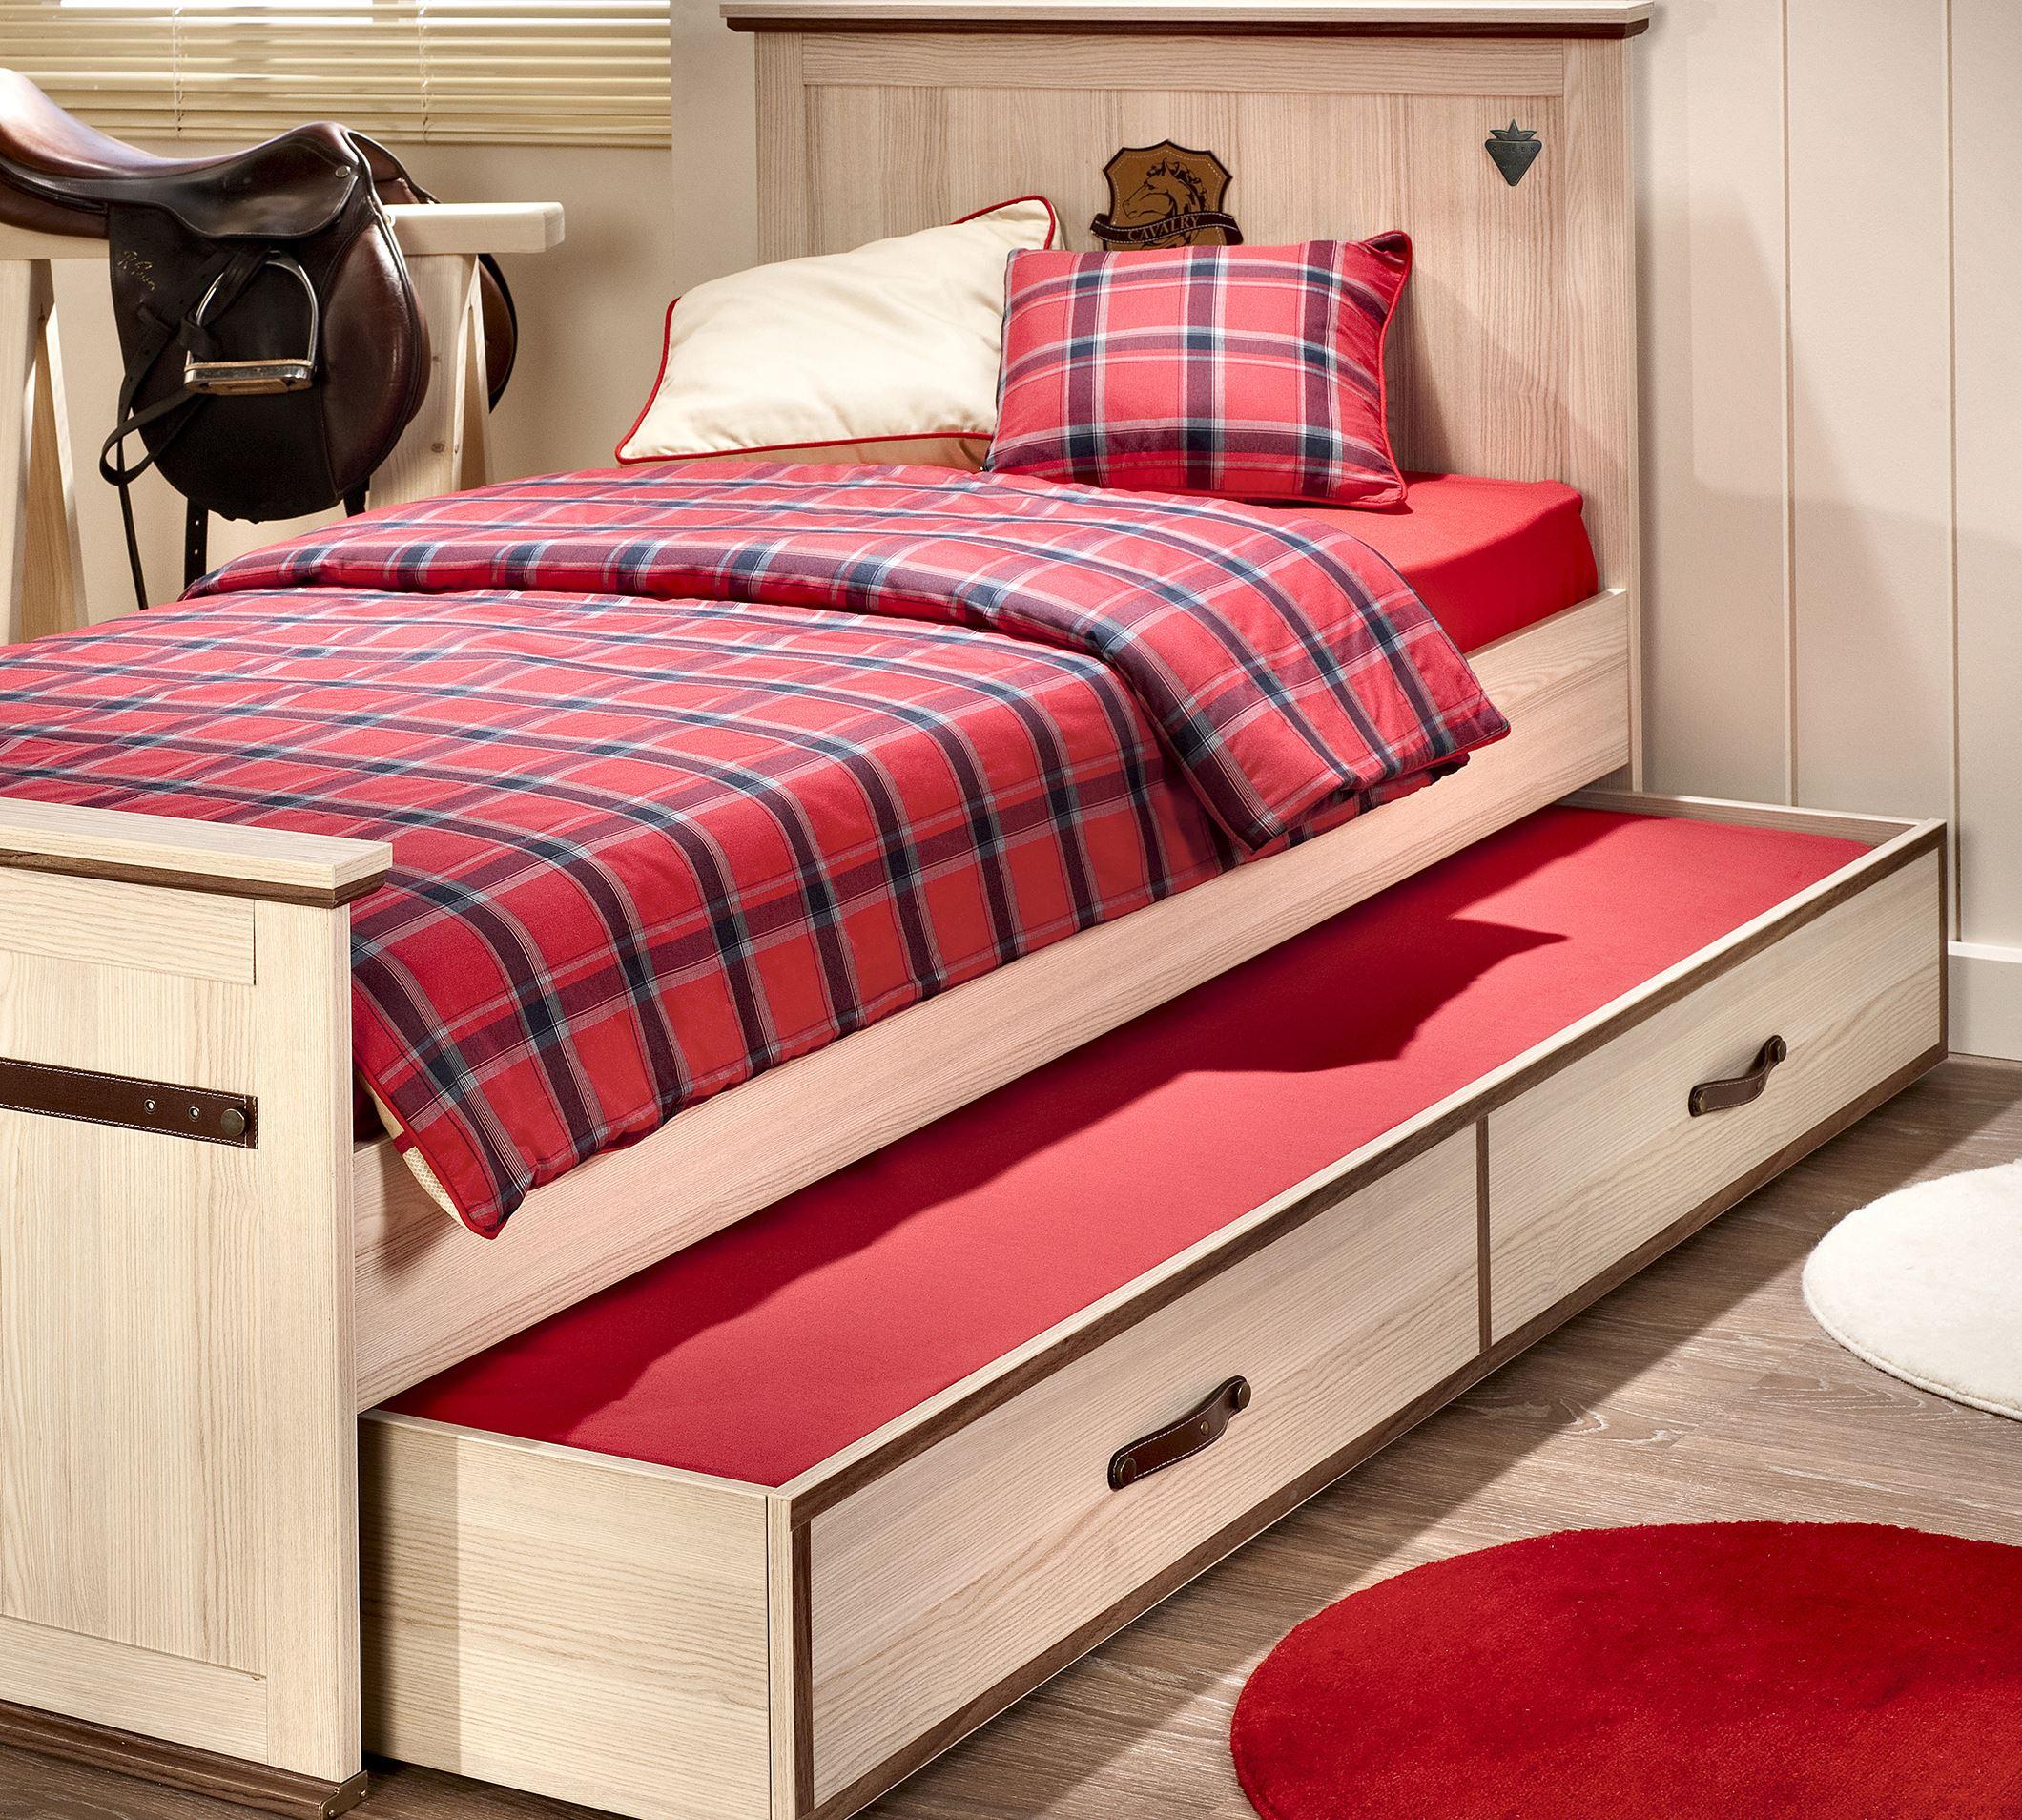 Картинки кроватей для подростков